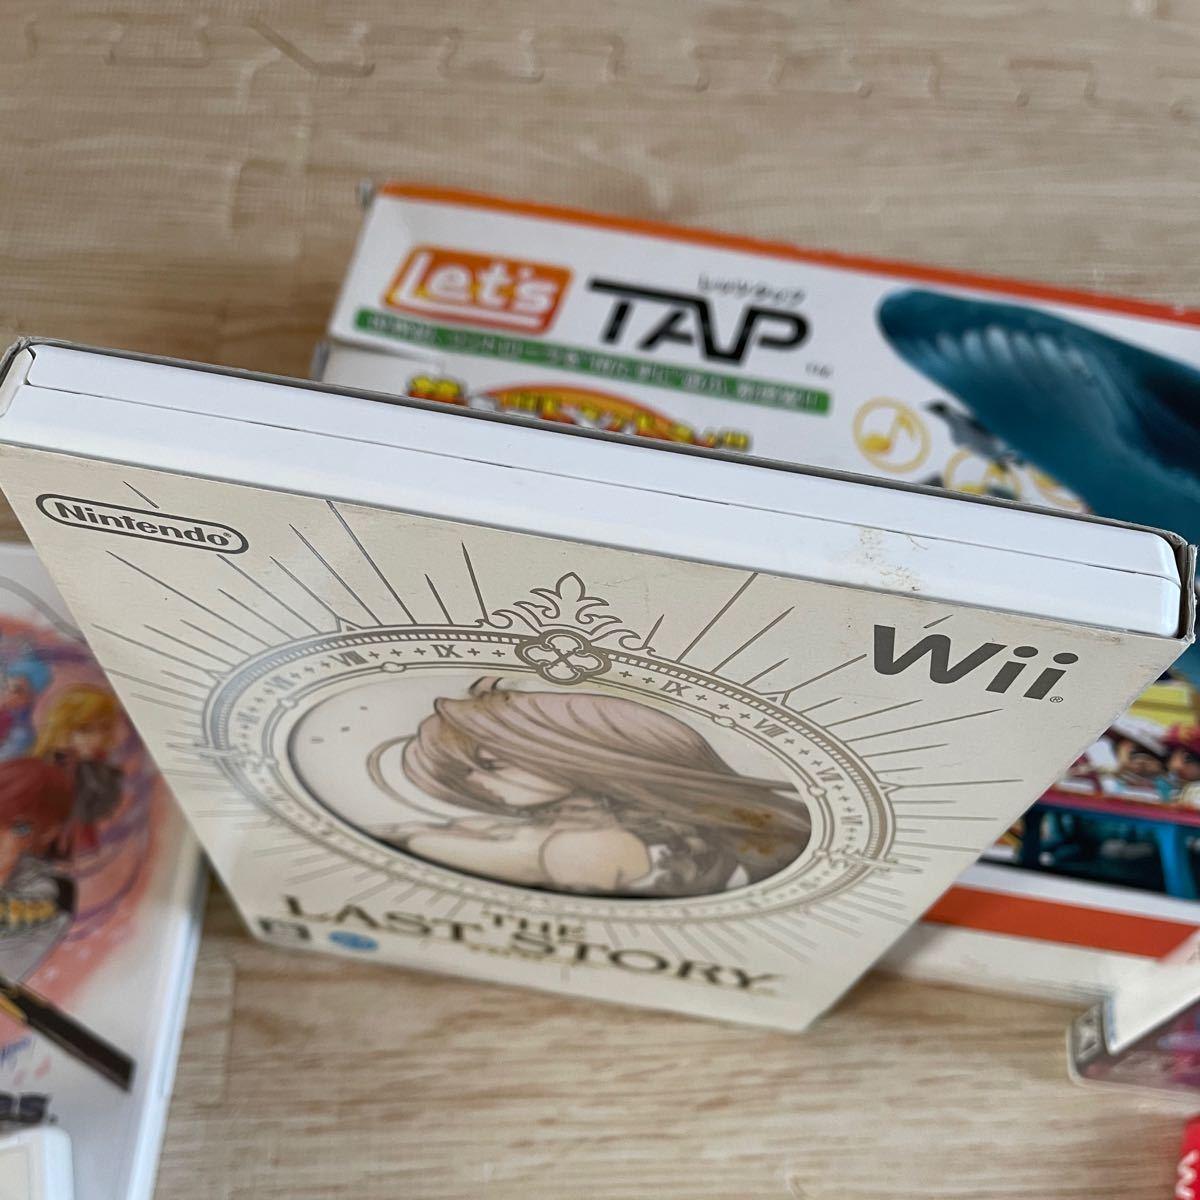 Wiiソフト スーパーマリオブラザーズなどwiiソフト6点セット 未開封品あり